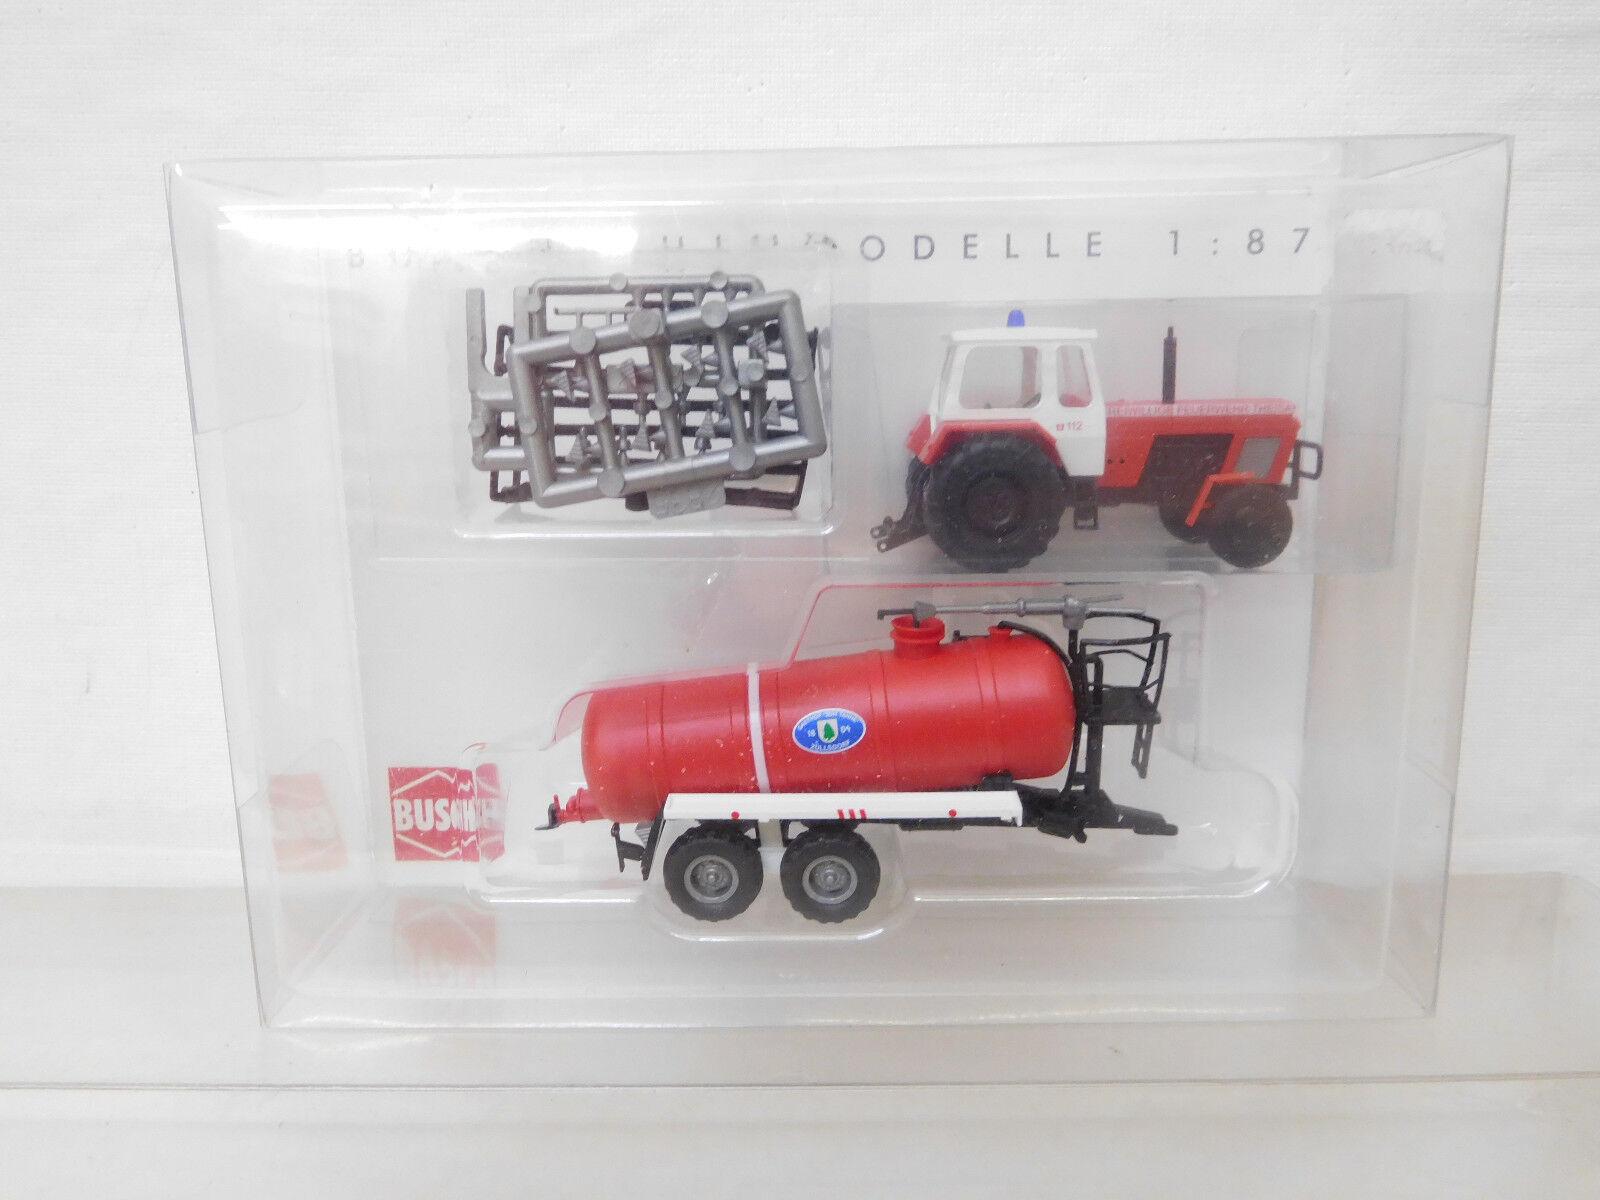 MES-55729 Busch 1 87 Traktor ZT 300 Feuerwehr Theisa sehr guter Zustand